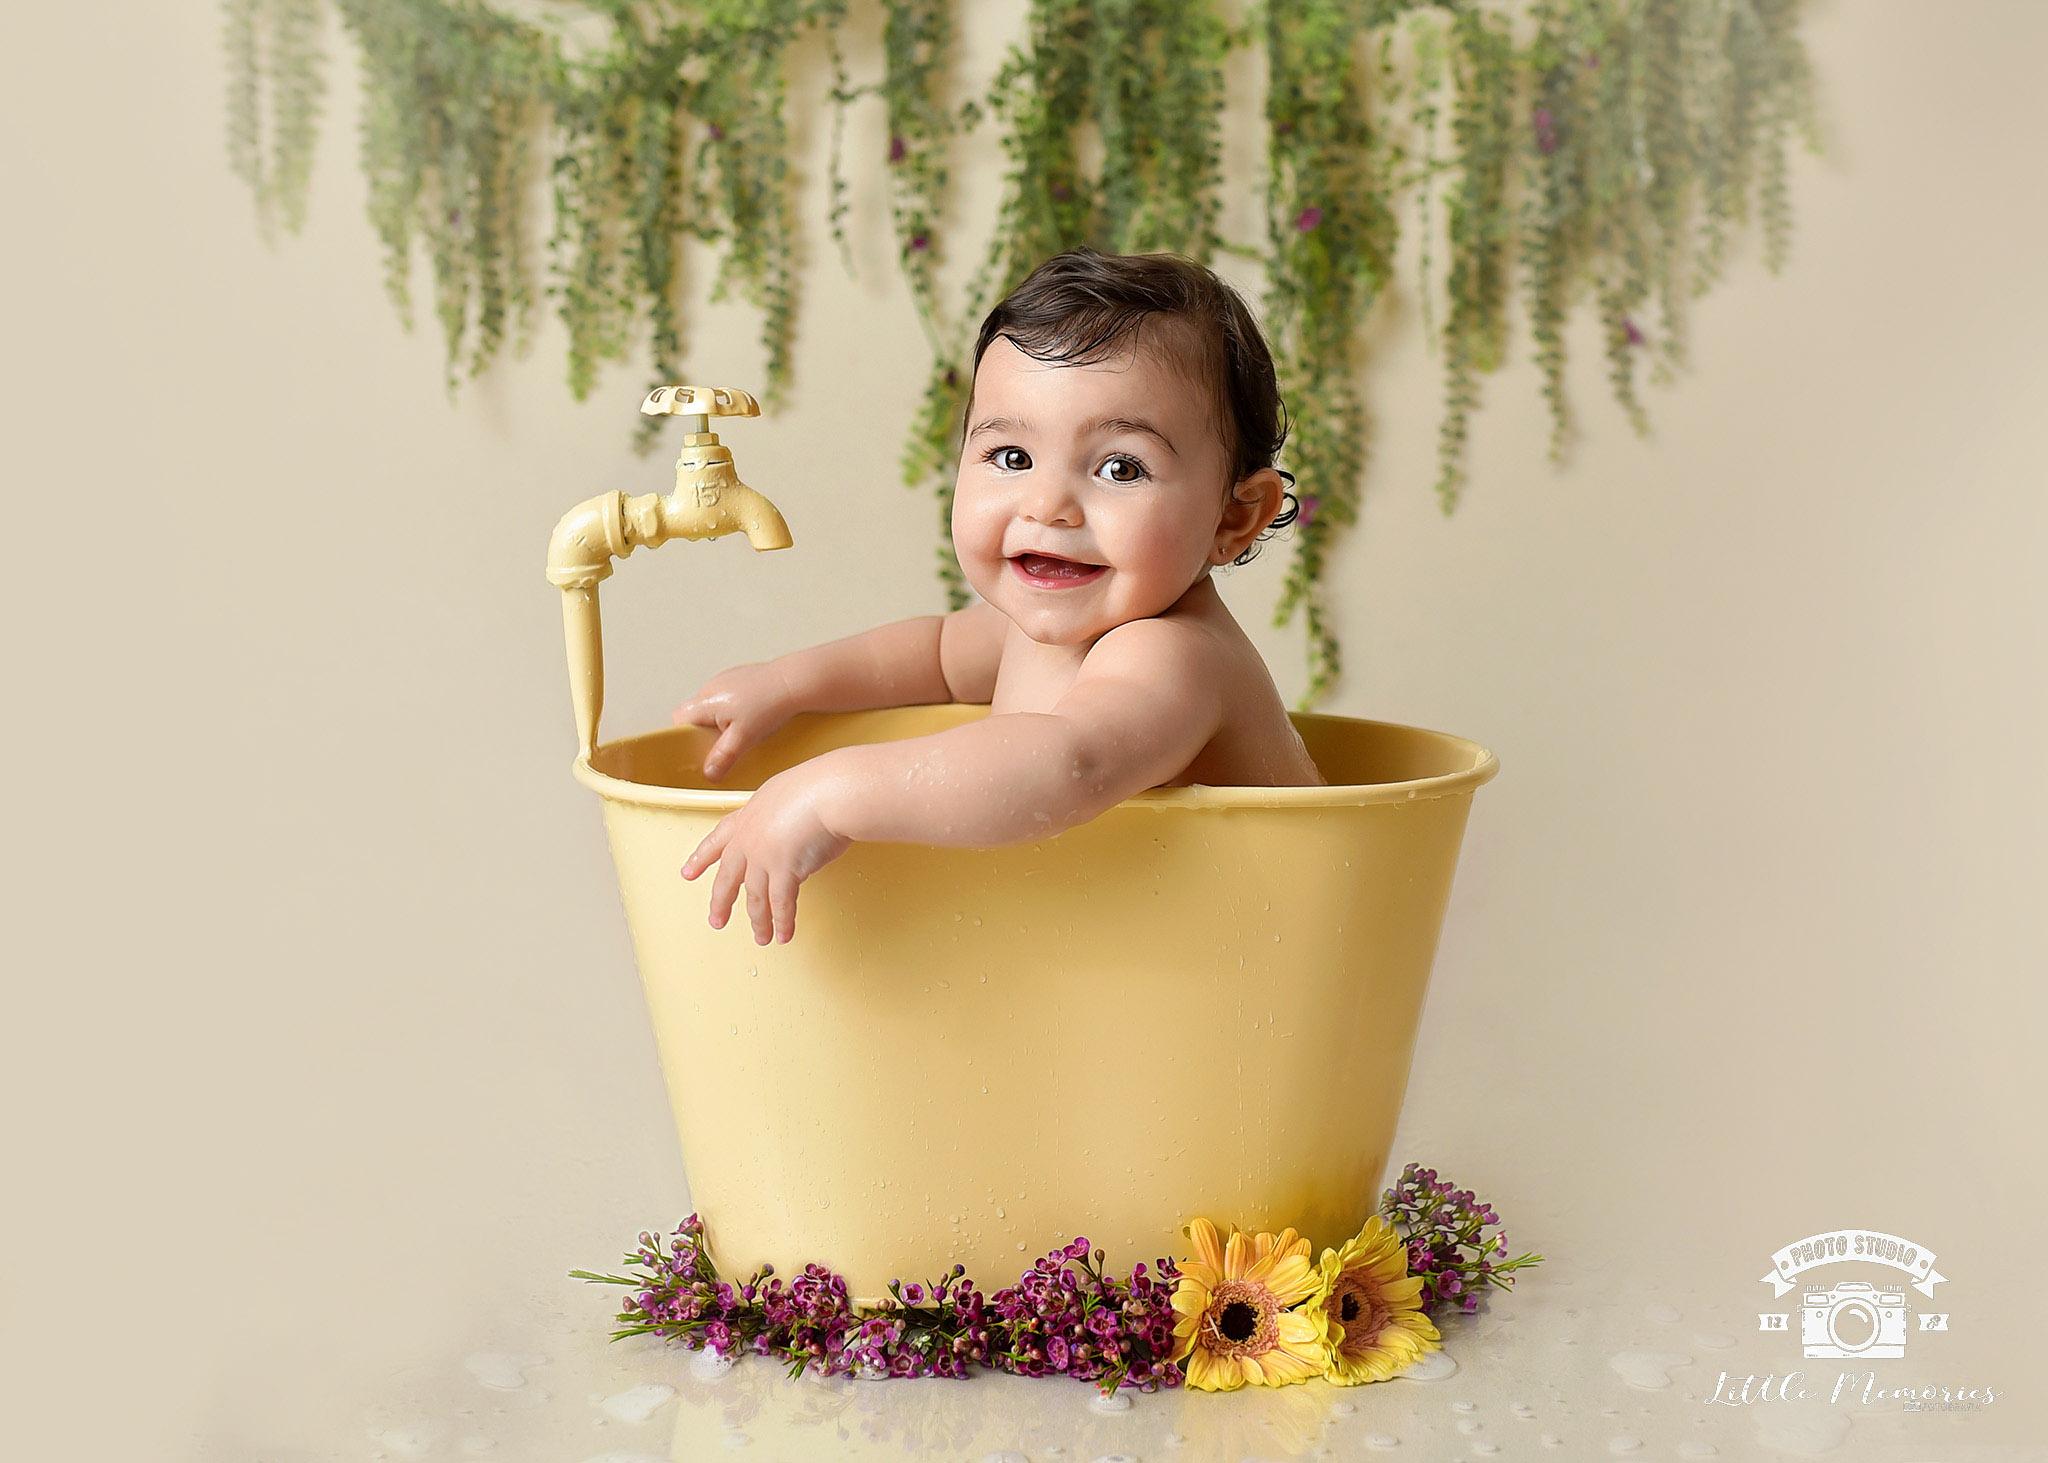 Little Memories Fotografía de estudio para bebes y newborn | Toledo